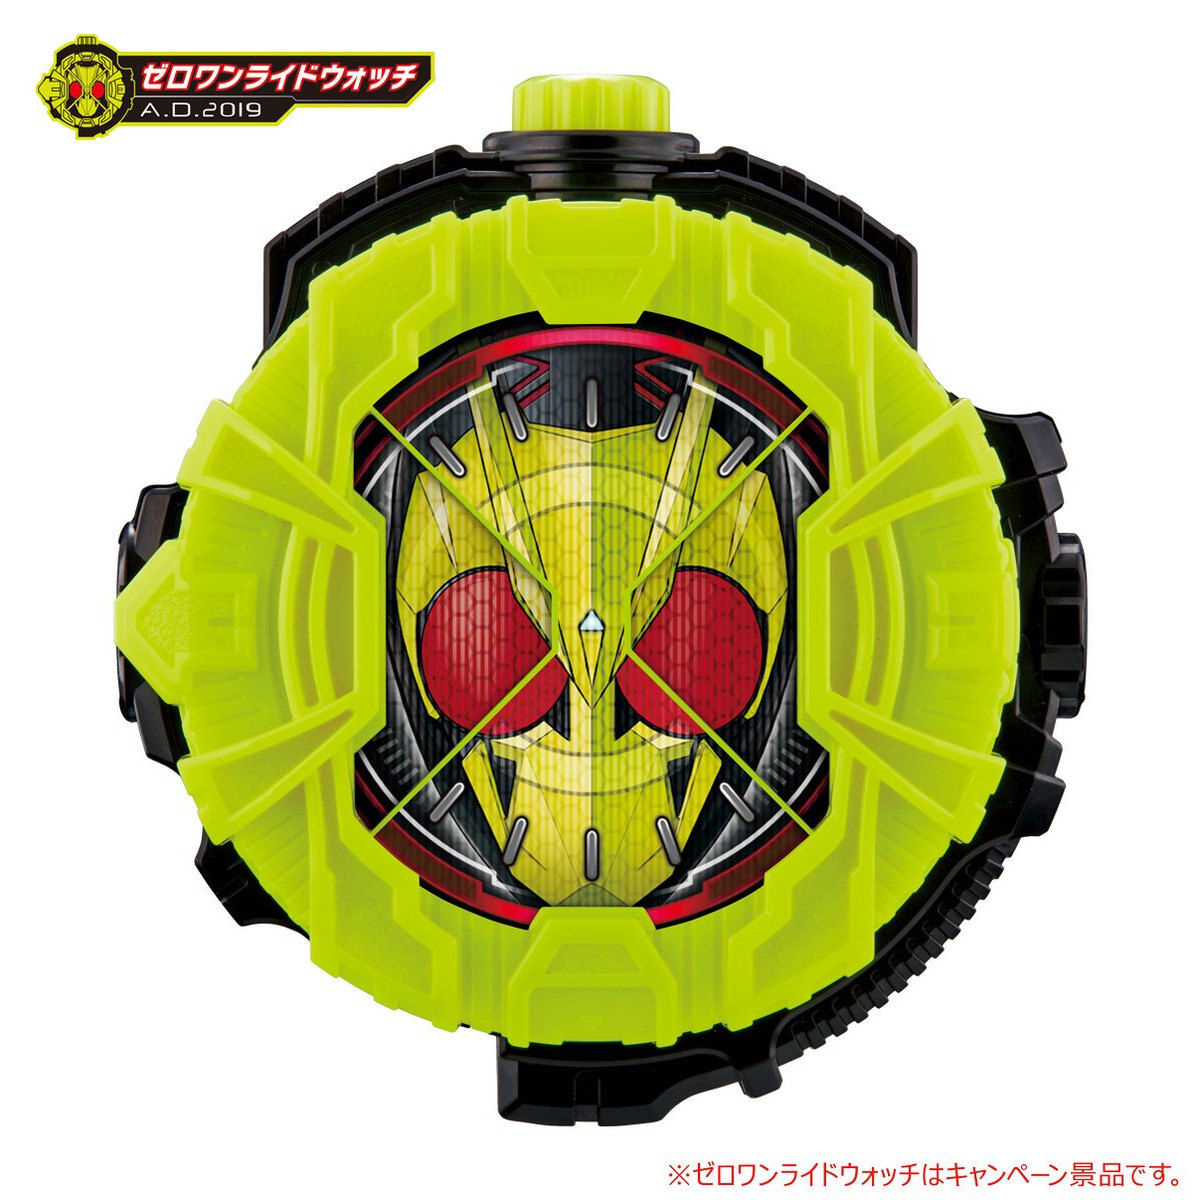 【先行抽選販売】仮面ライダーゼロワン『DX飛電ゼロワンドライバー』変身ベルト-008